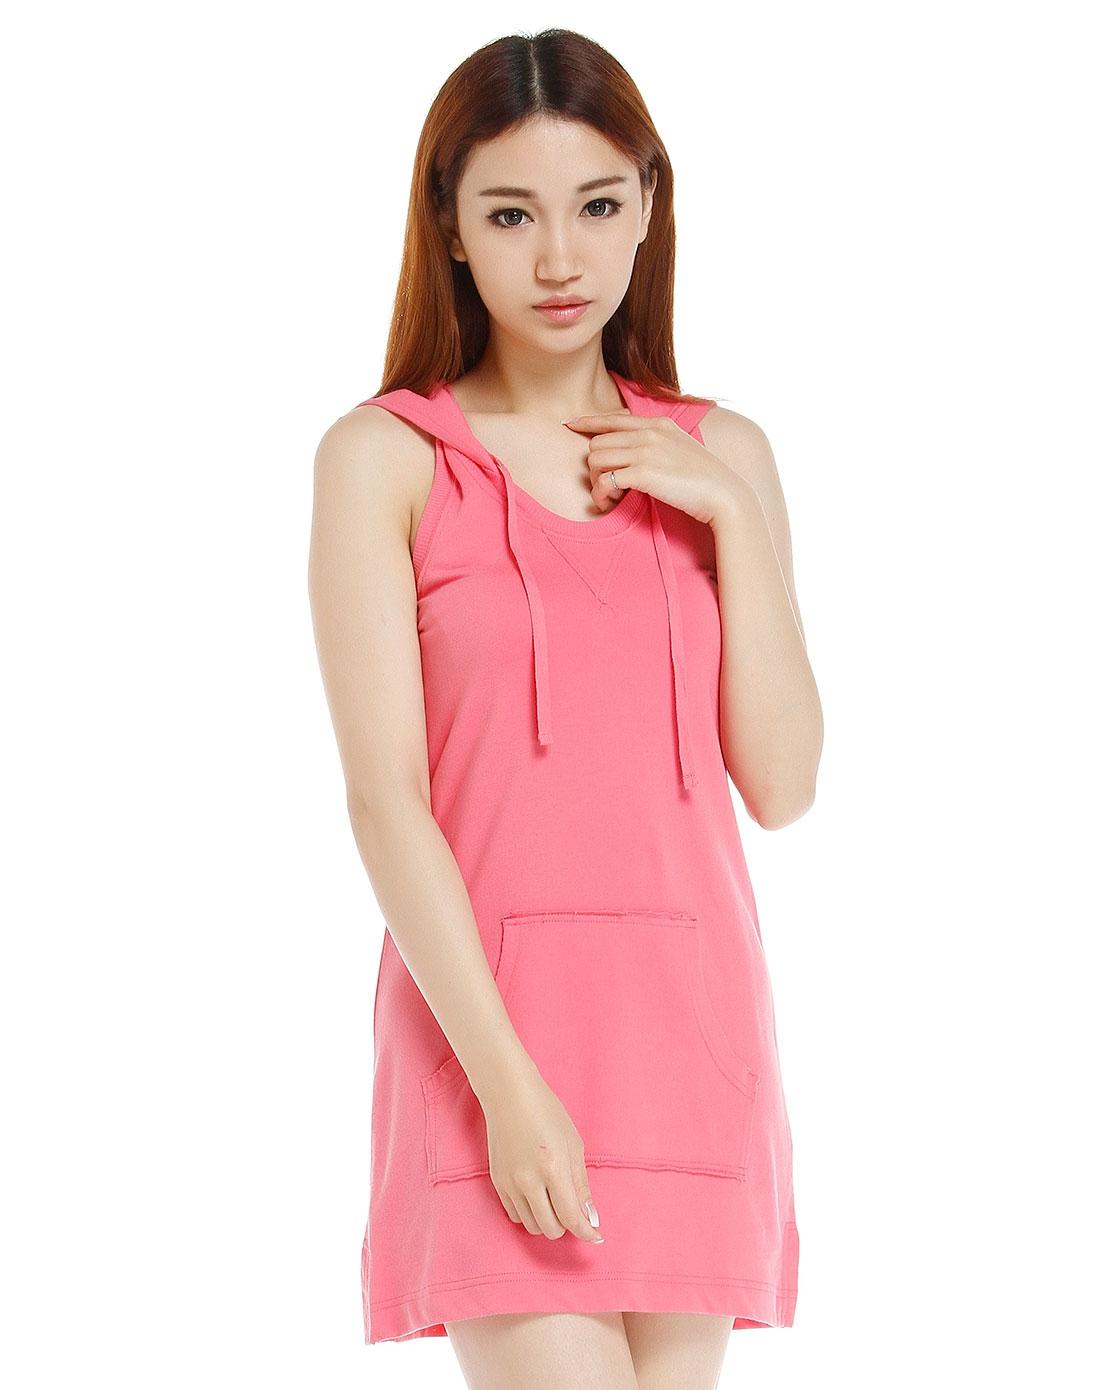 惠粉红_最后约惠-男女服饰专场女款粉红色连帽背心式连衣裙